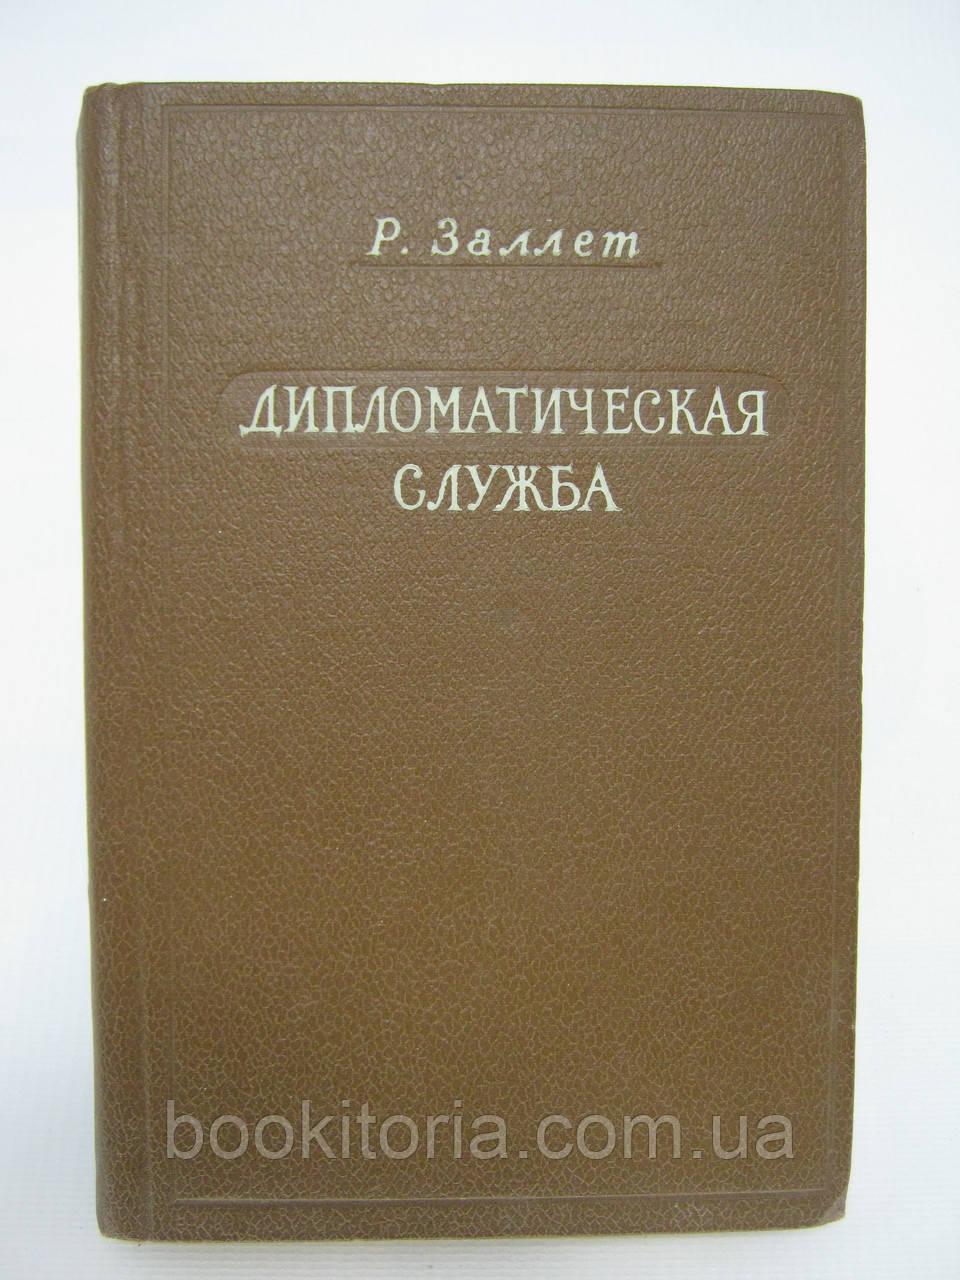 Заллет Р. Дипломатическая служба (б/у).